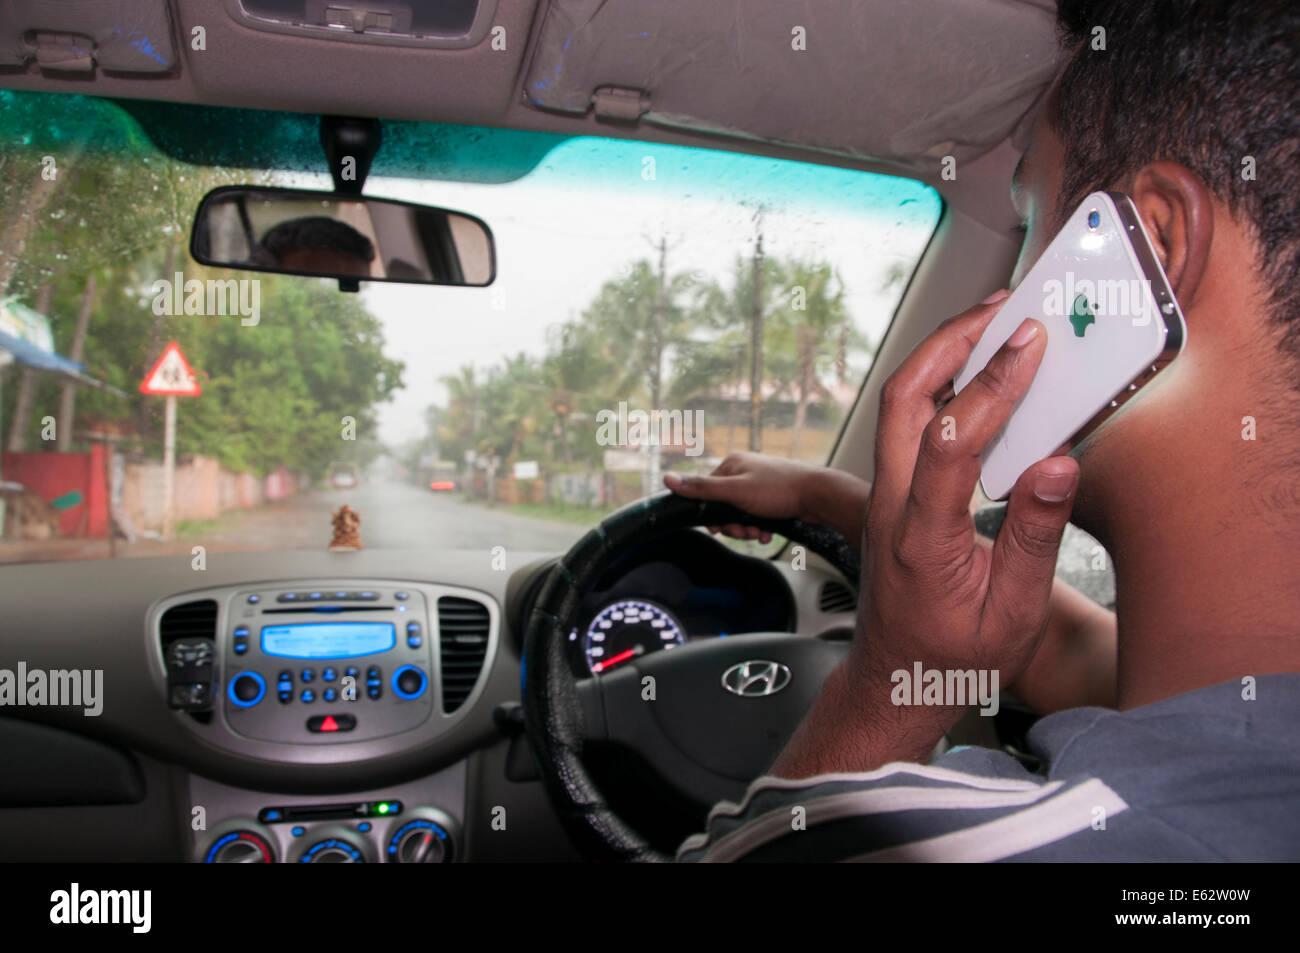 Conduciendo y hablando por teléfono celular móvil Imagen De Stock